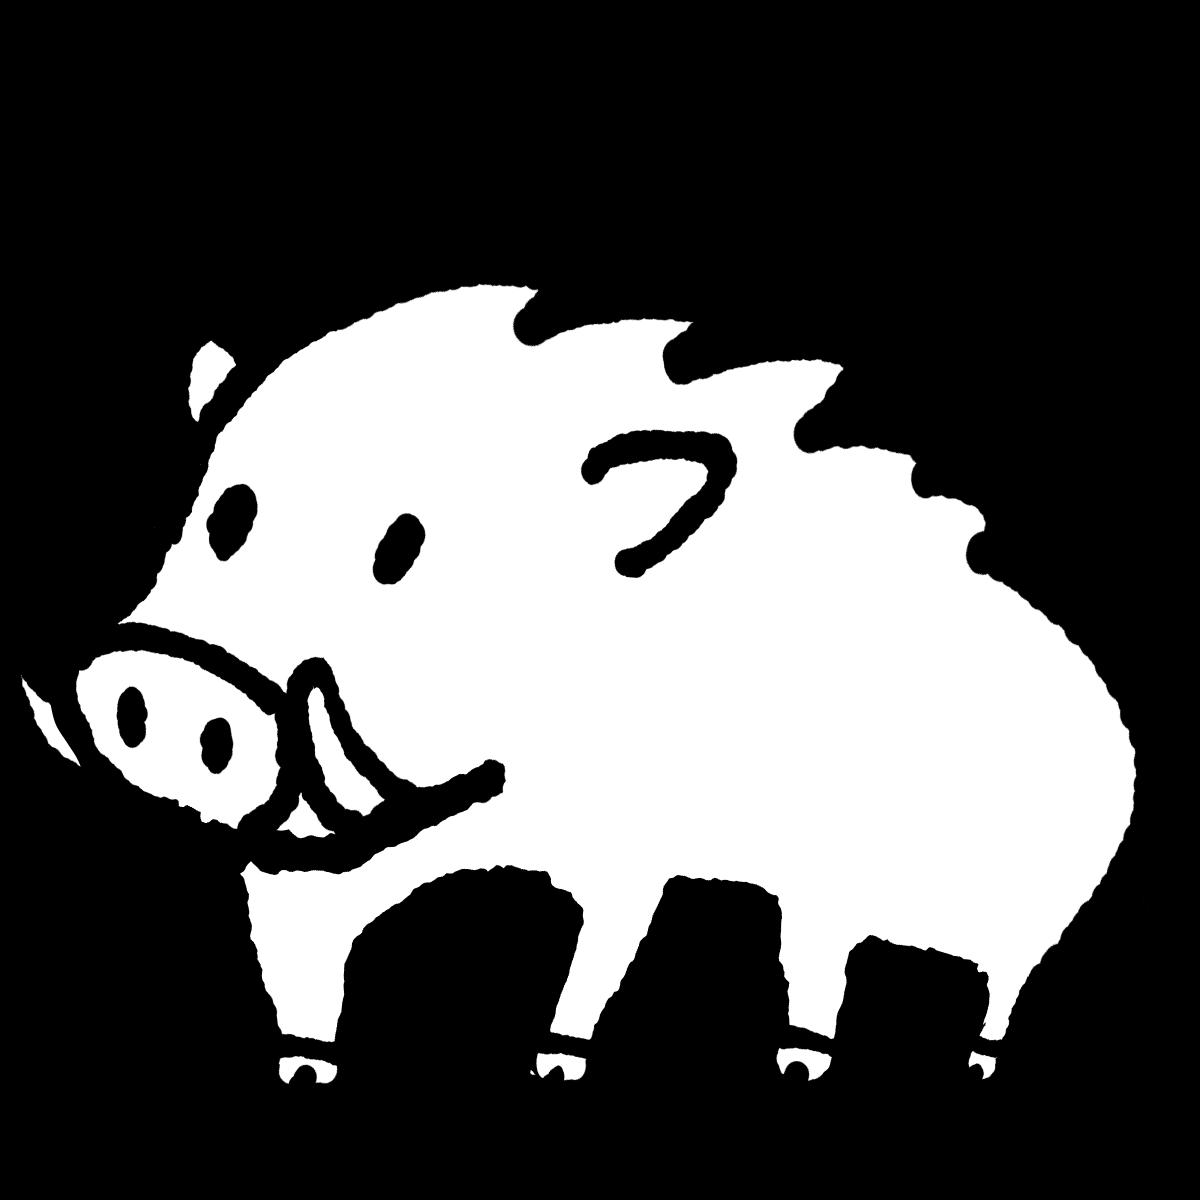 立つイノシシのイラスト / Standing wild boar Illustration